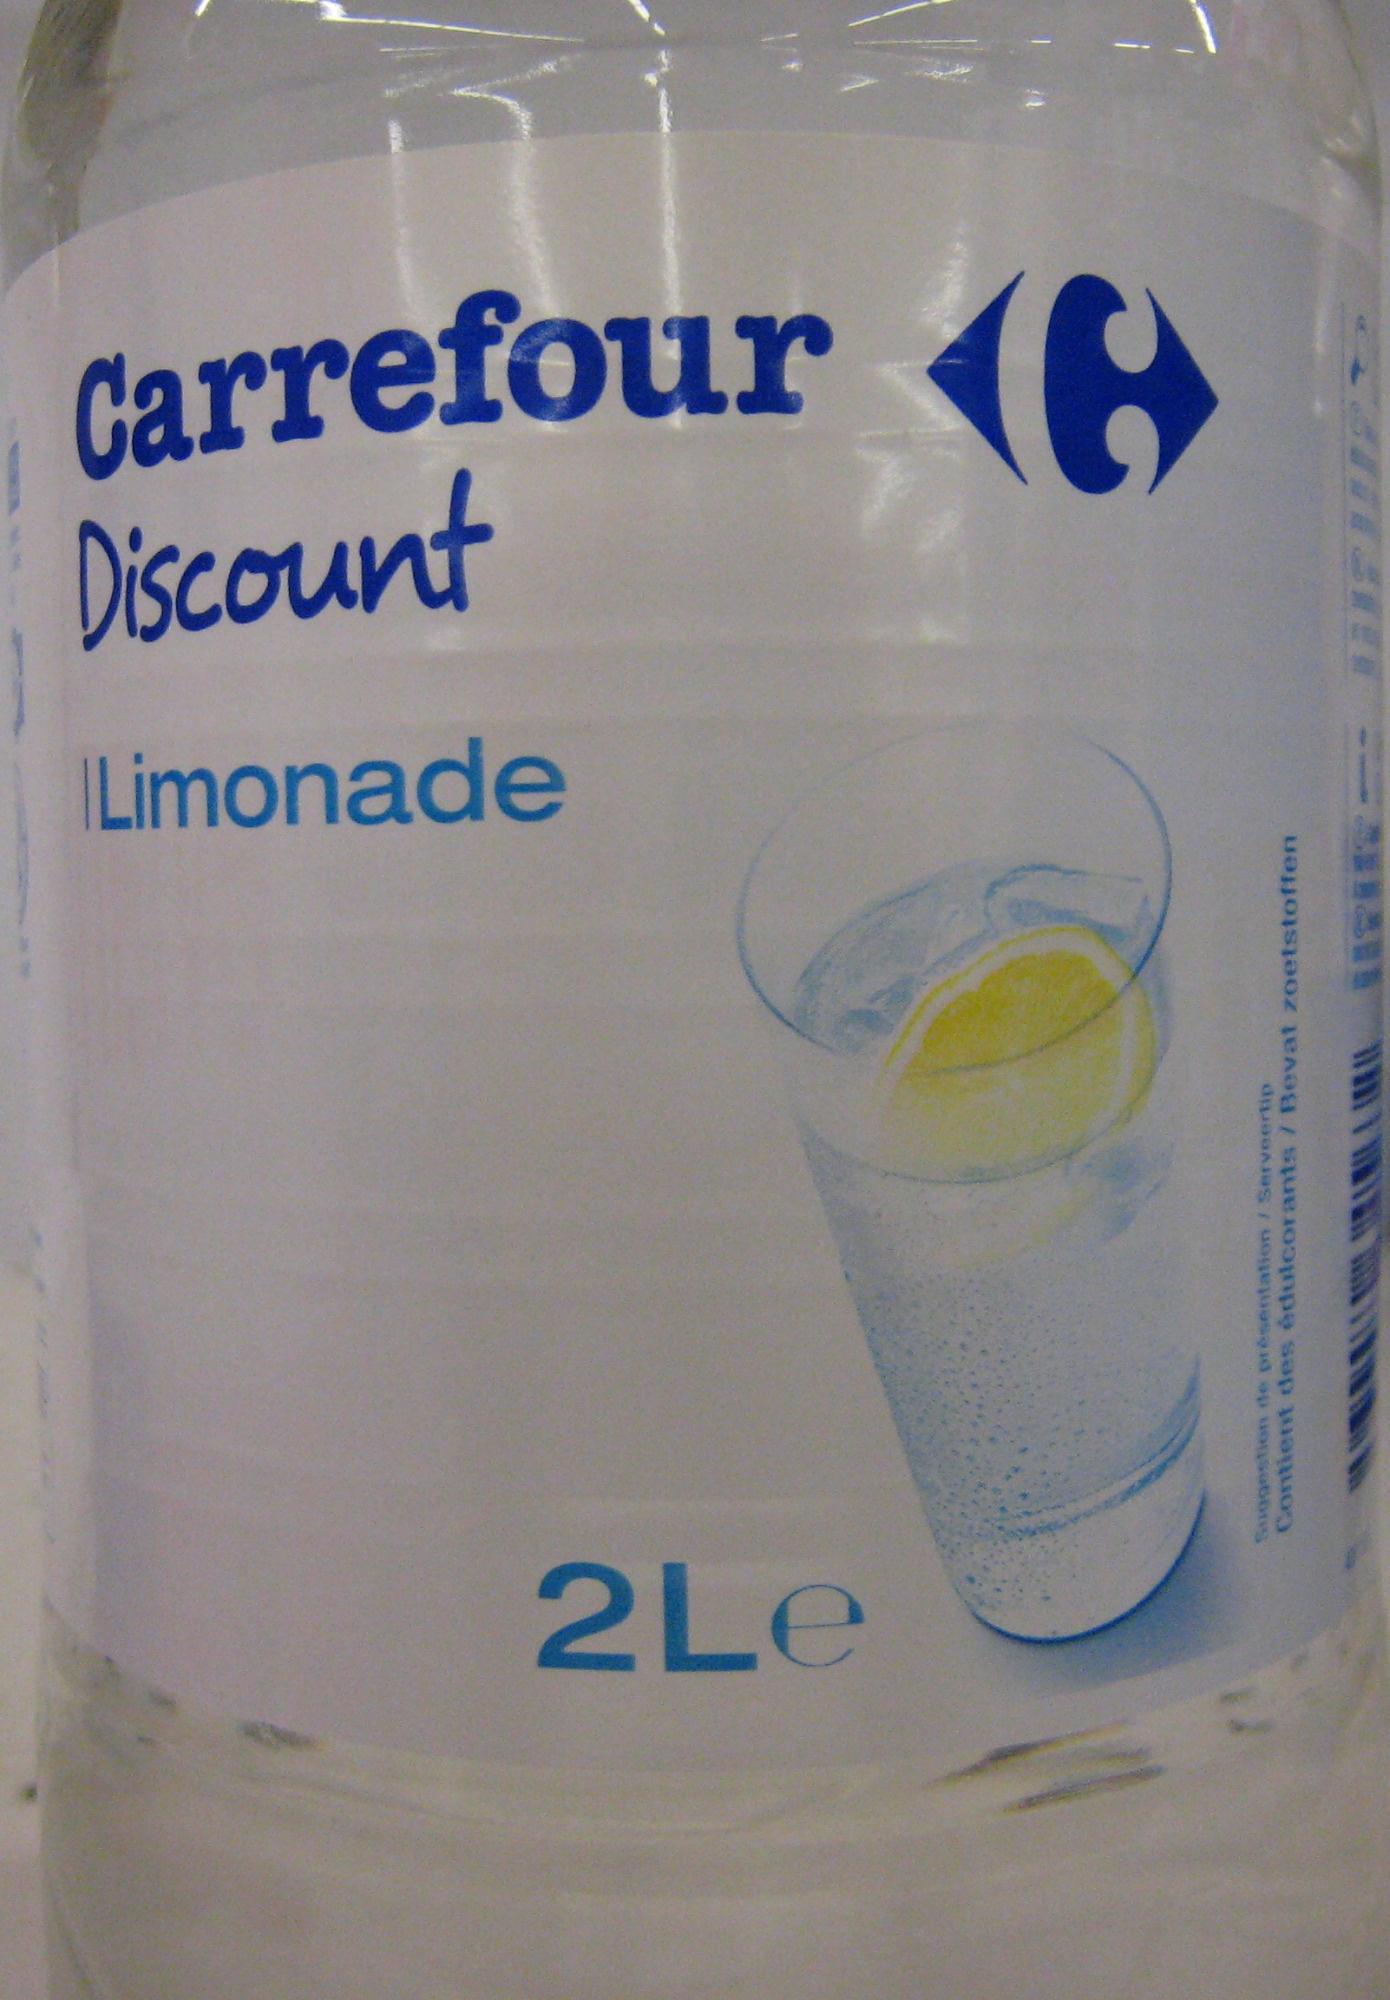 Limonade Carrefour Discount - Produit - fr